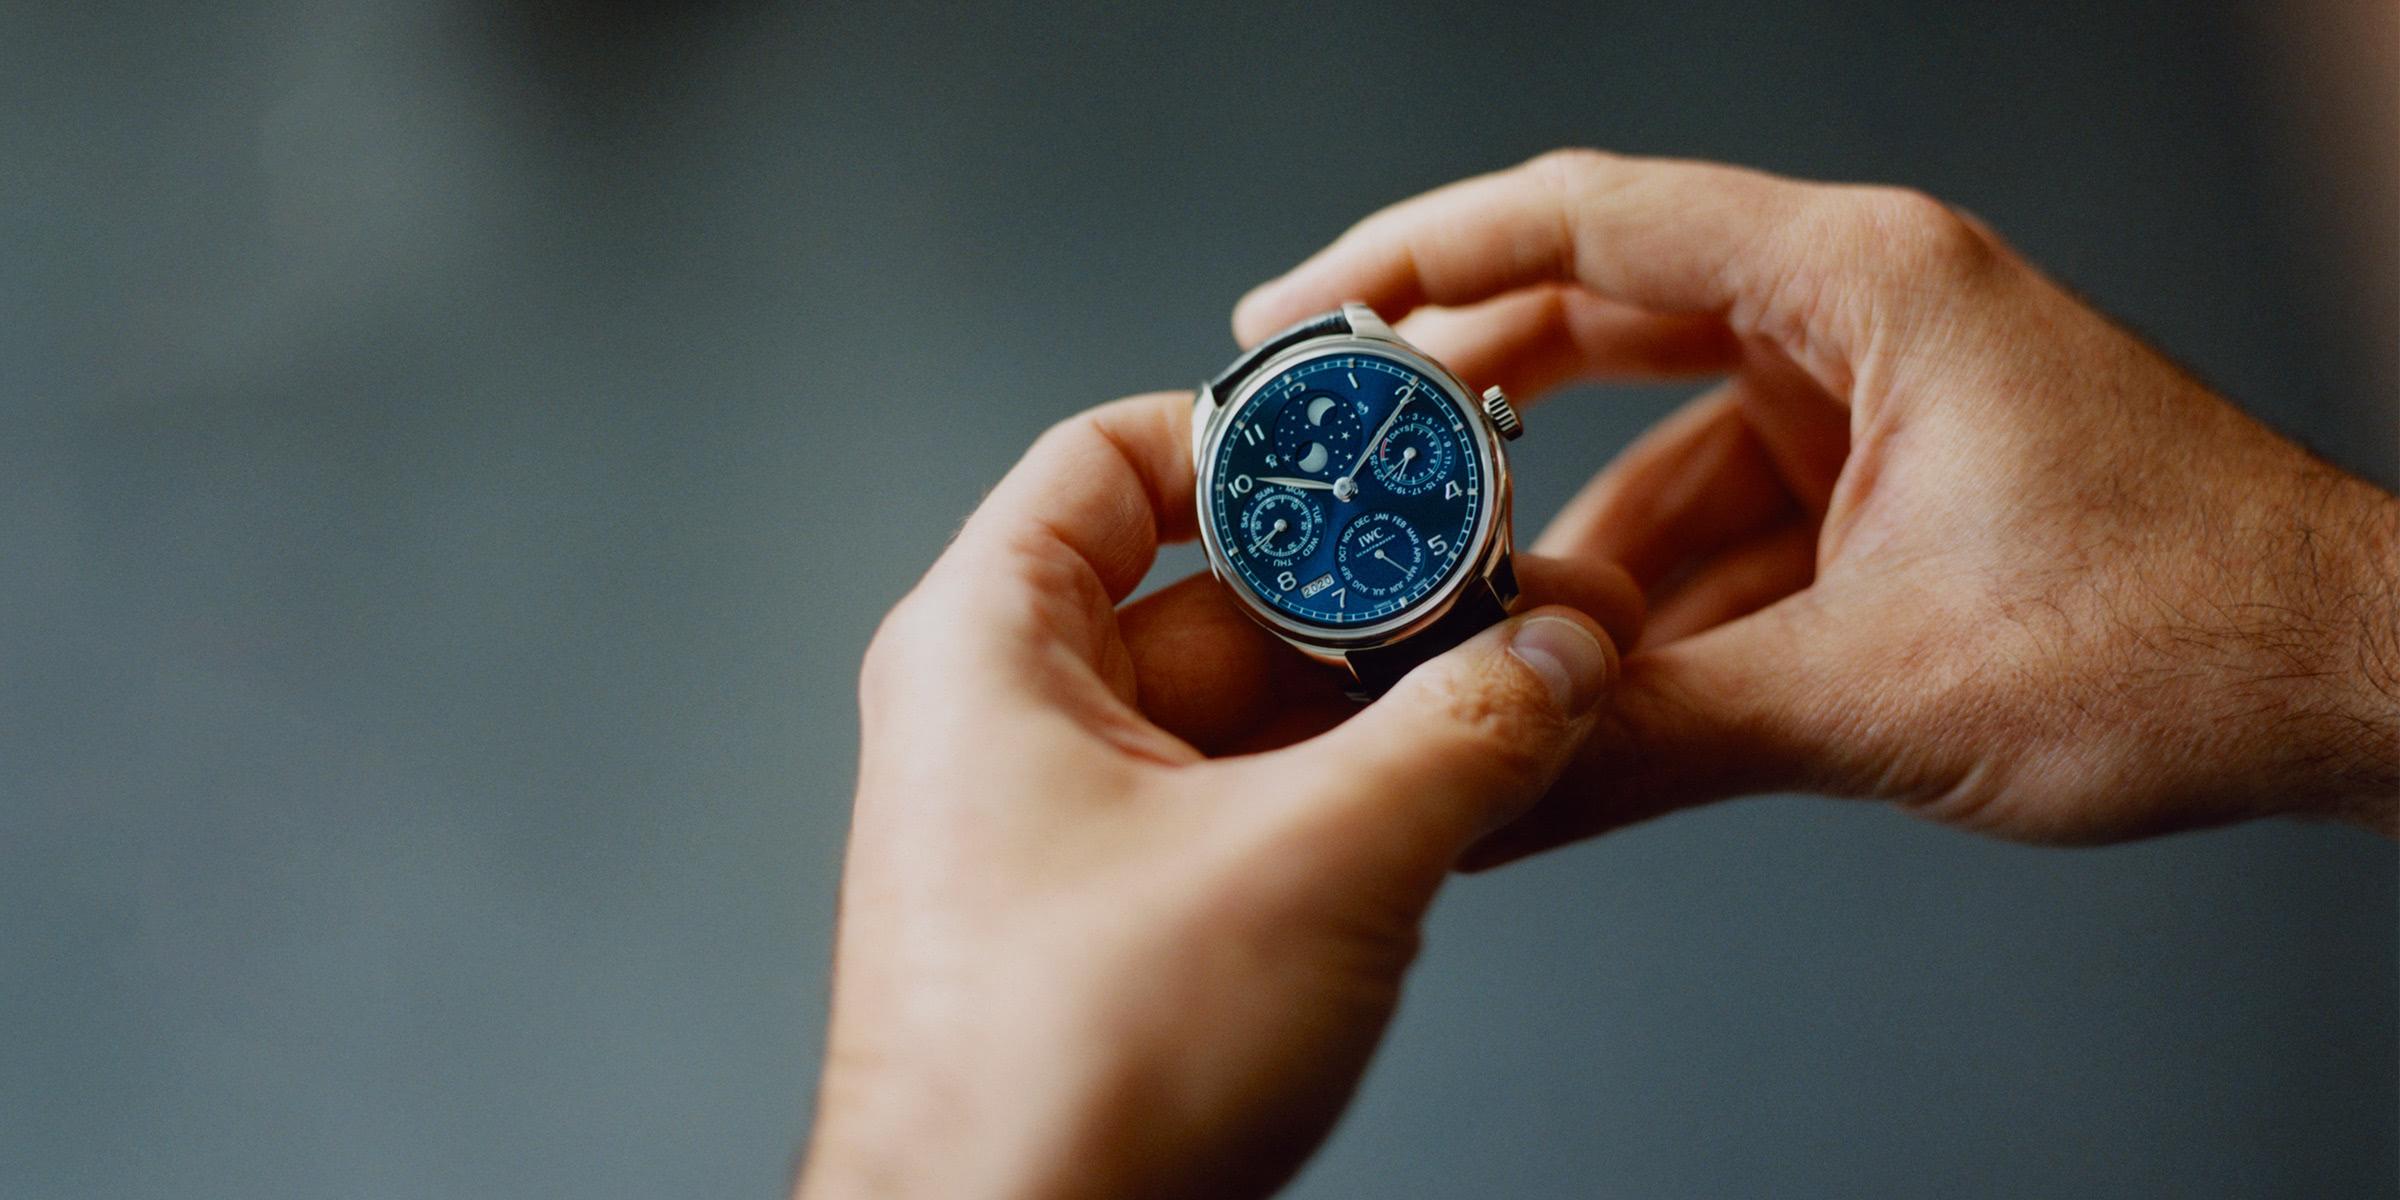 iwc schaffhausen luxury watches luxe digital